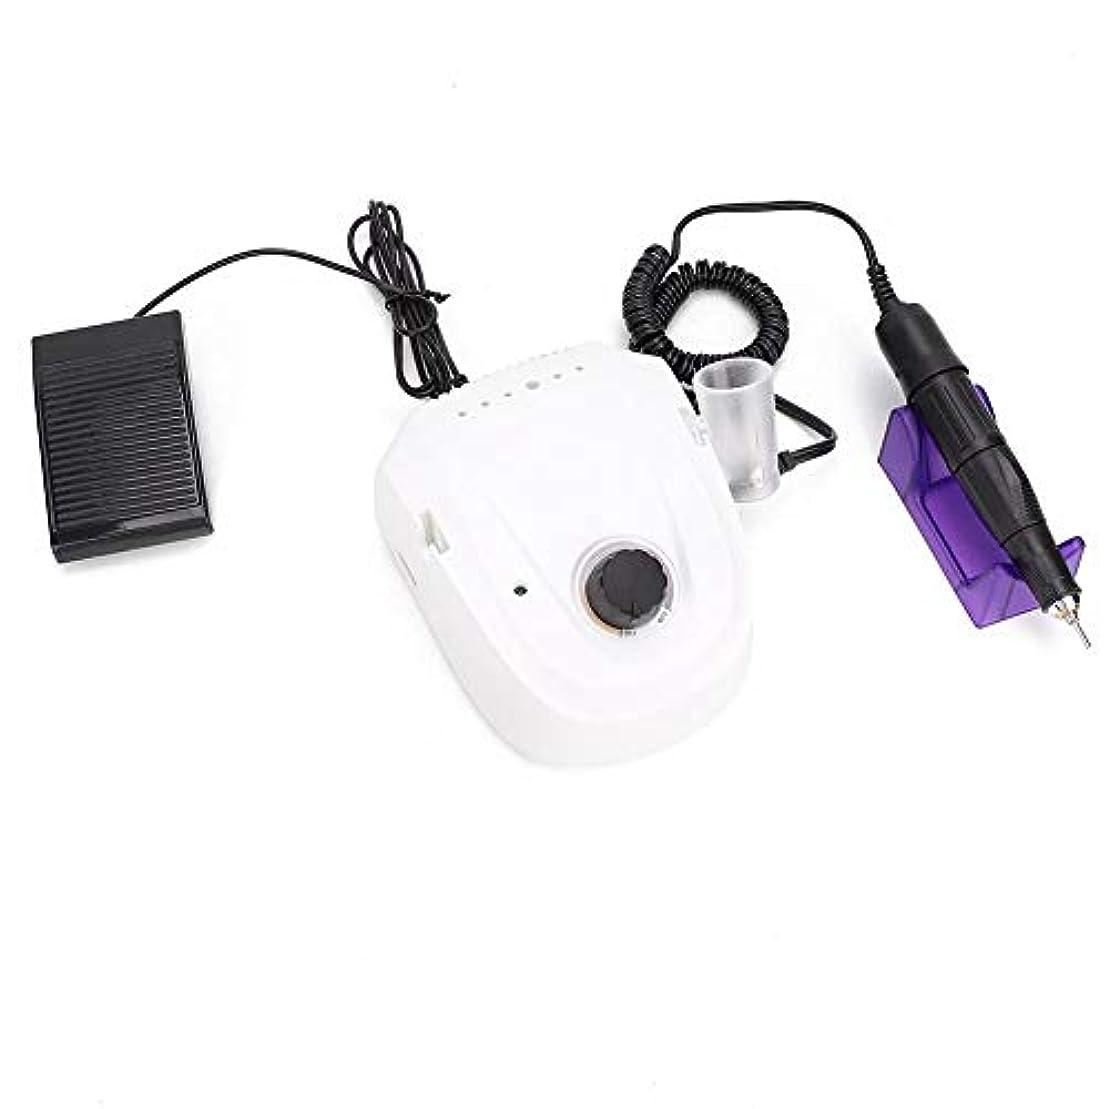 バックグラウンド災難非アクティブプロ45000RPM電動ネイルドリル機(USプラグ)